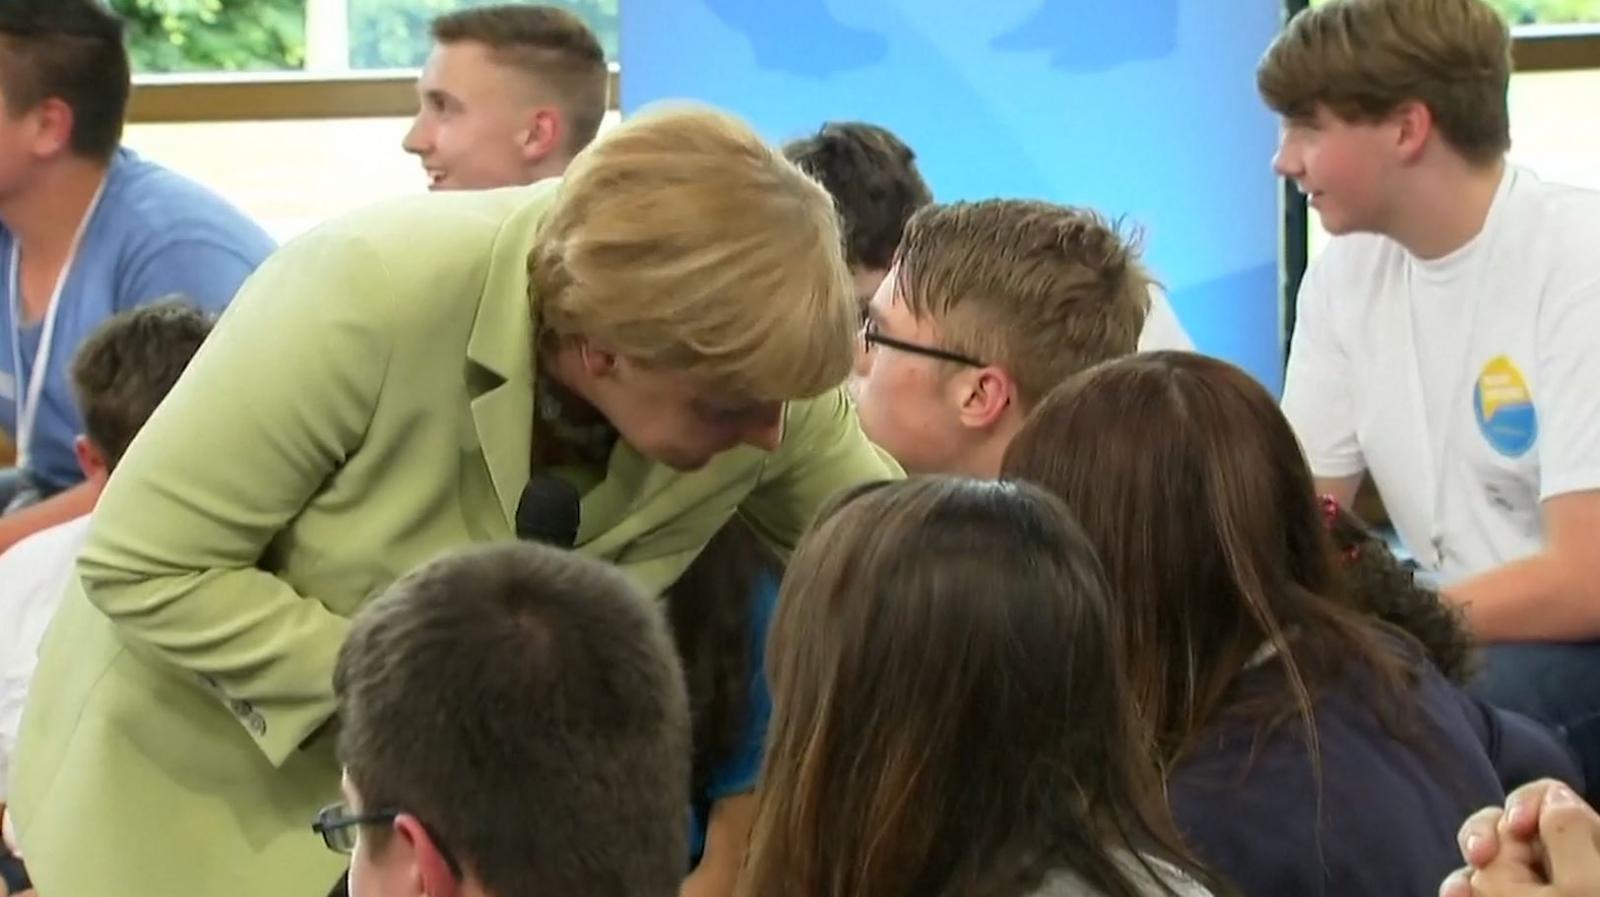 Angela Merkel Palestinian refugee girl